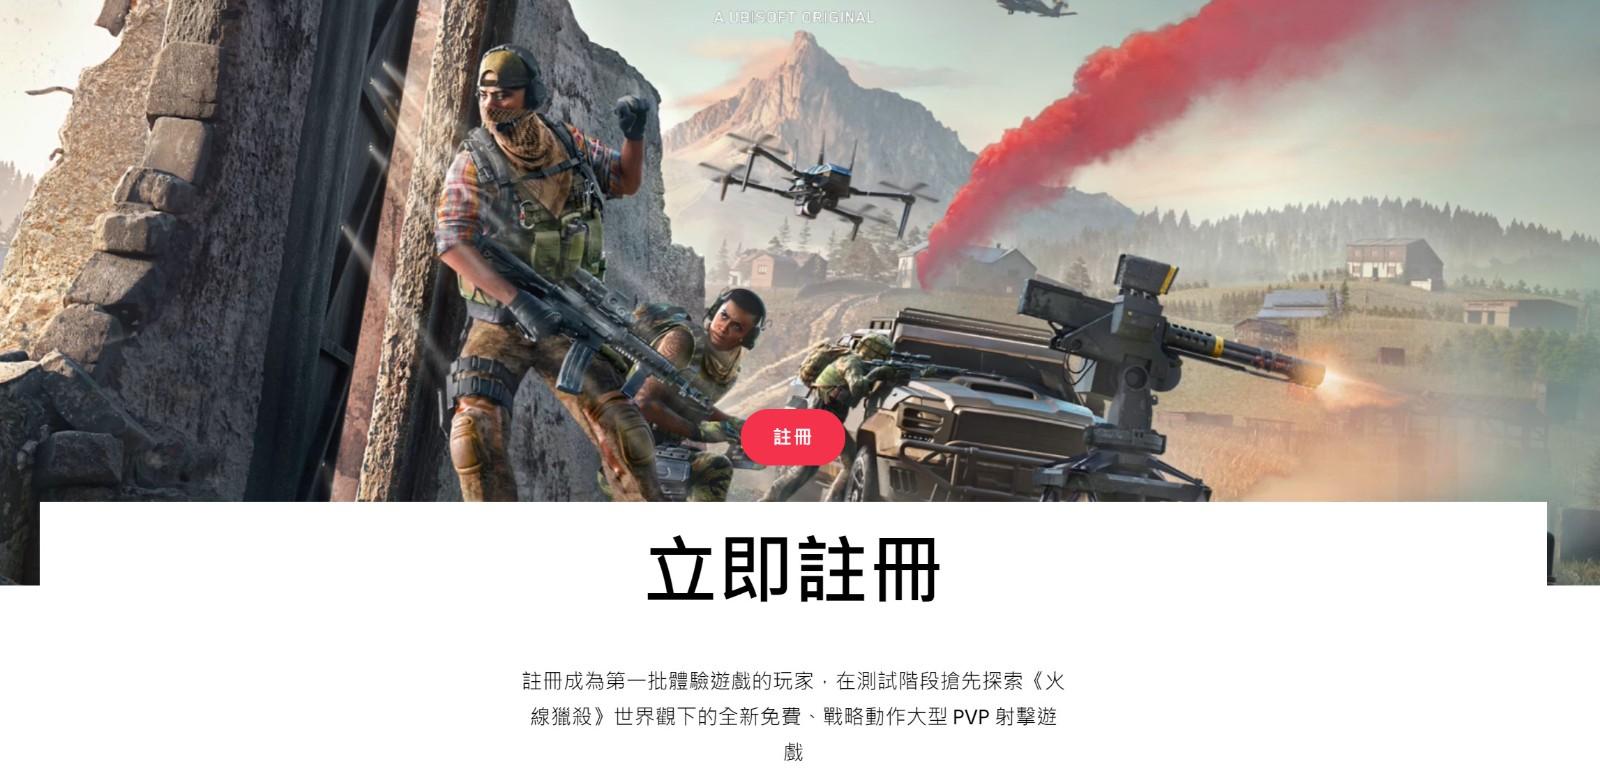 育碧公布免费大逃杀游戏《幽灵行动:火线》